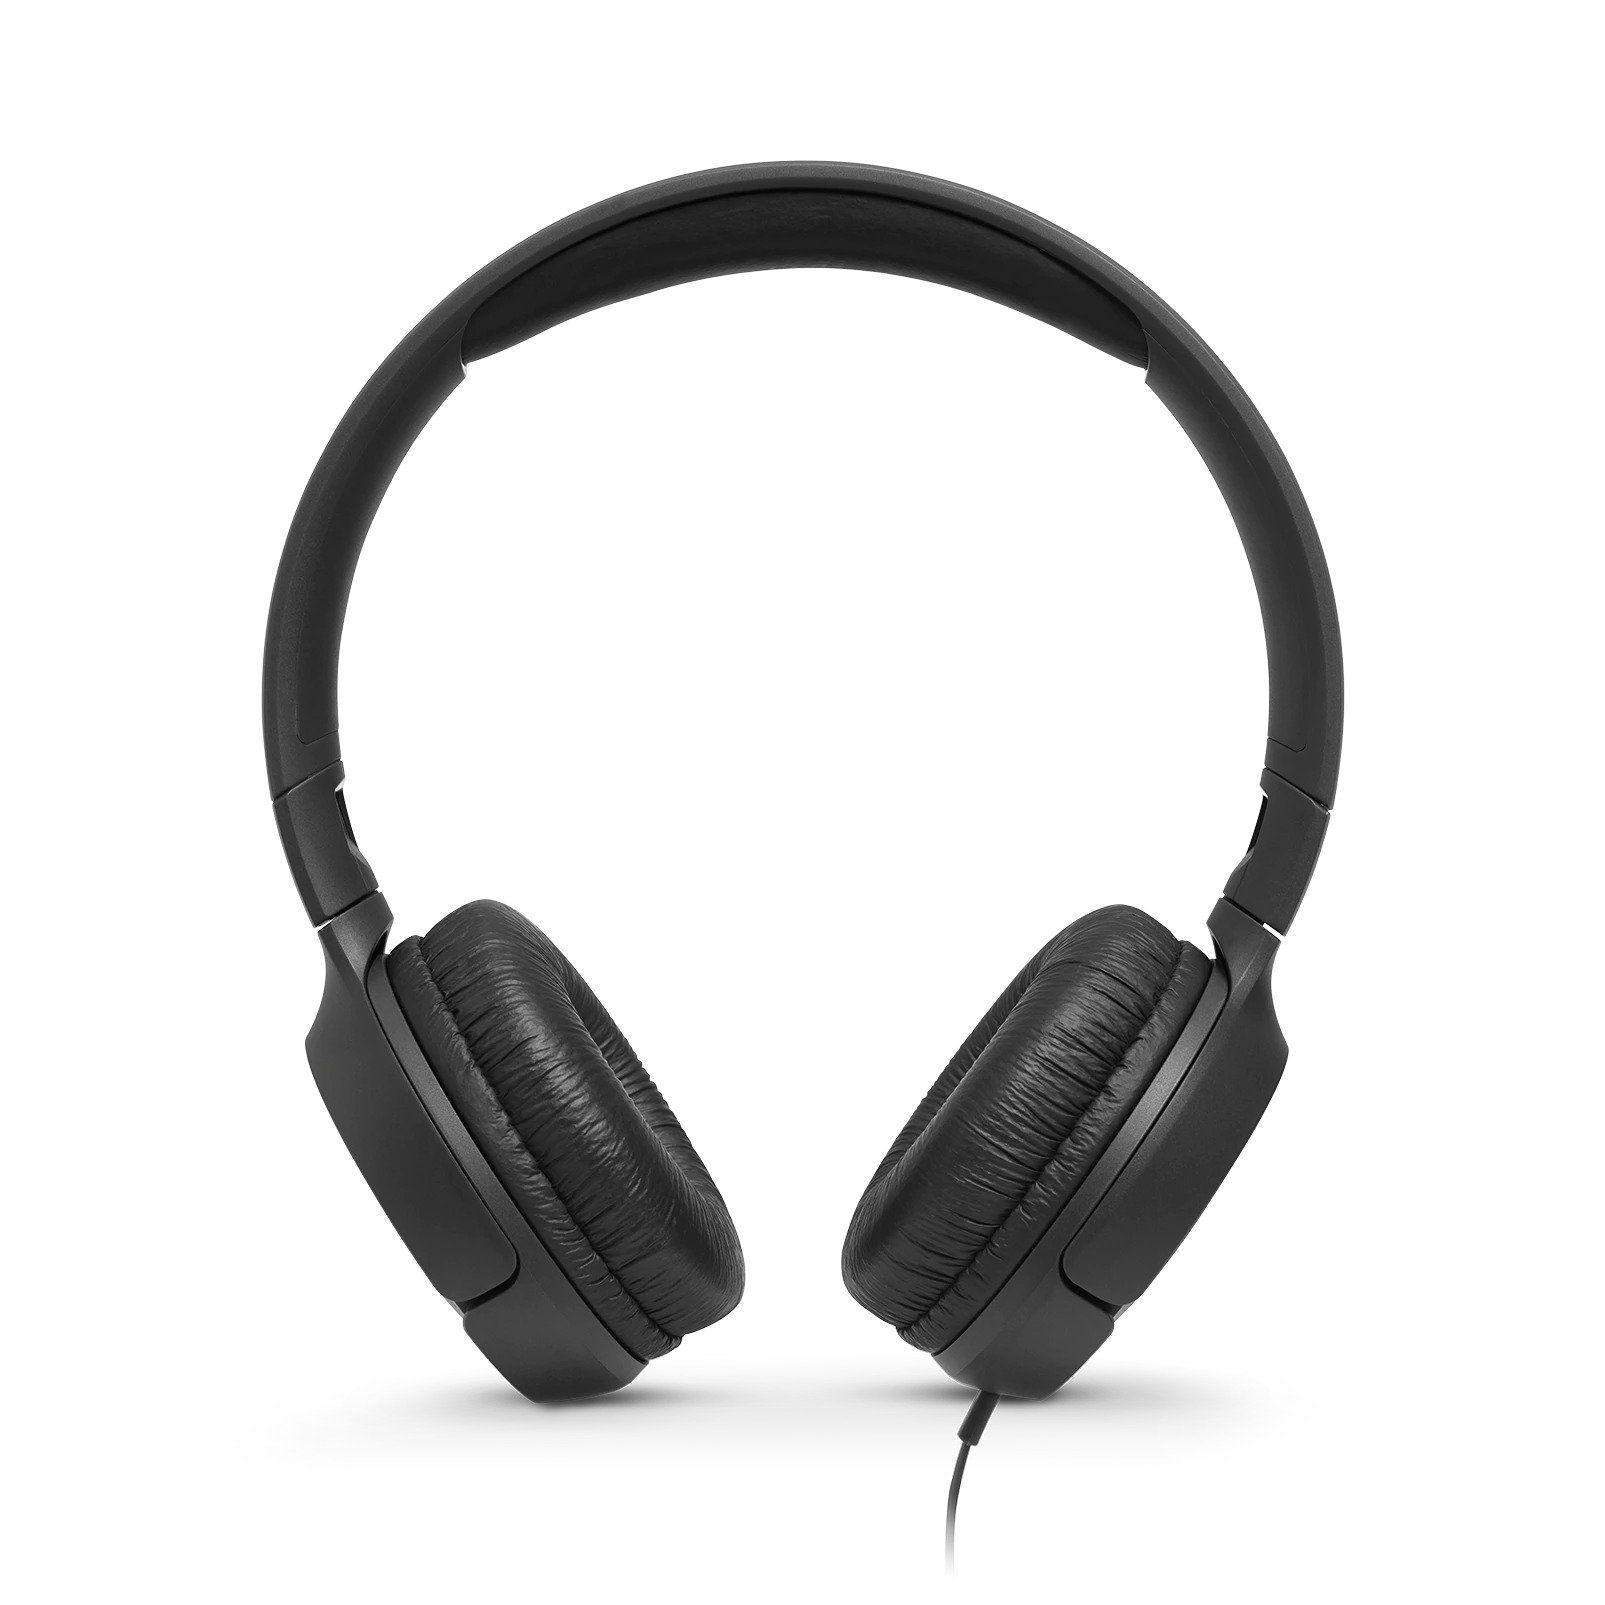 FONE DE OUVIDO JBL HEADPHONE PRETO - TUNE500BLK